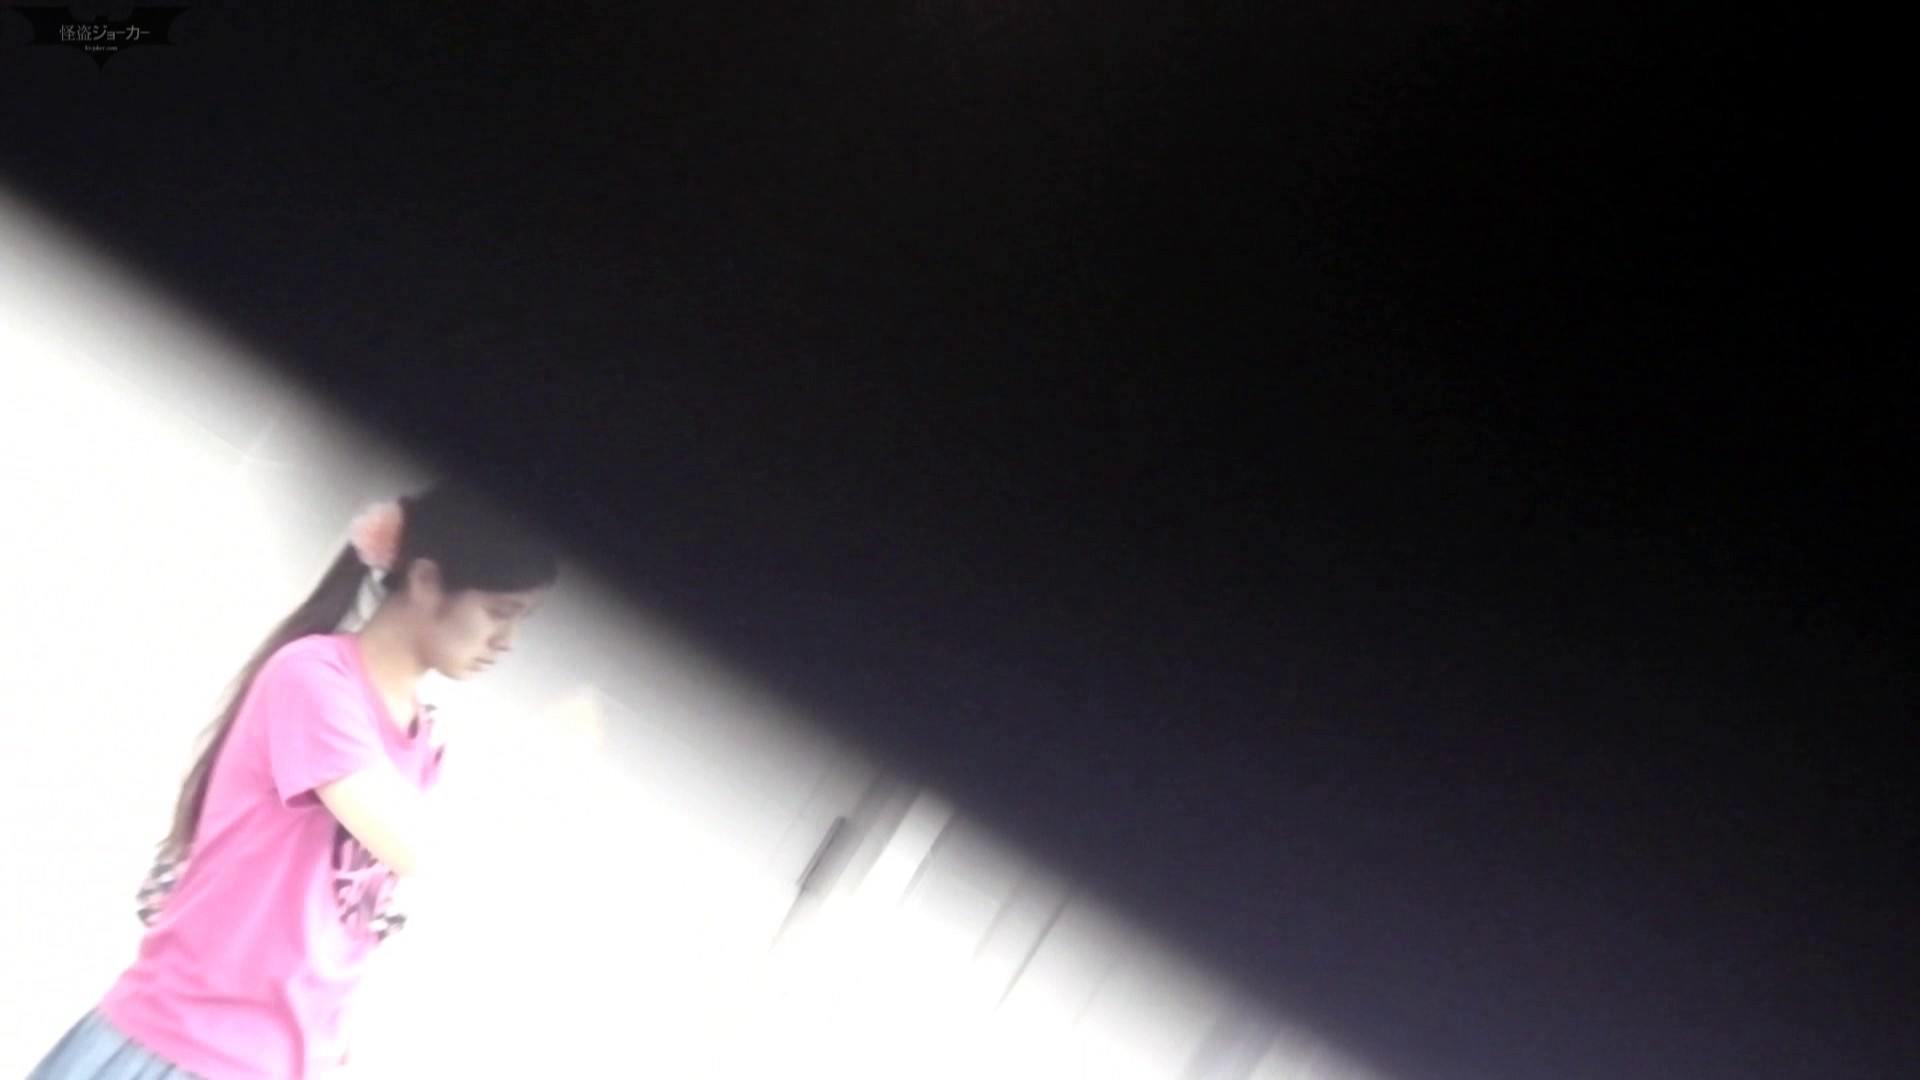 お銀 vol.68 無謀に通路に飛び出て一番明るいフロント撮り実現、見所満載 美人 ワレメ動画紹介 70PIX 11